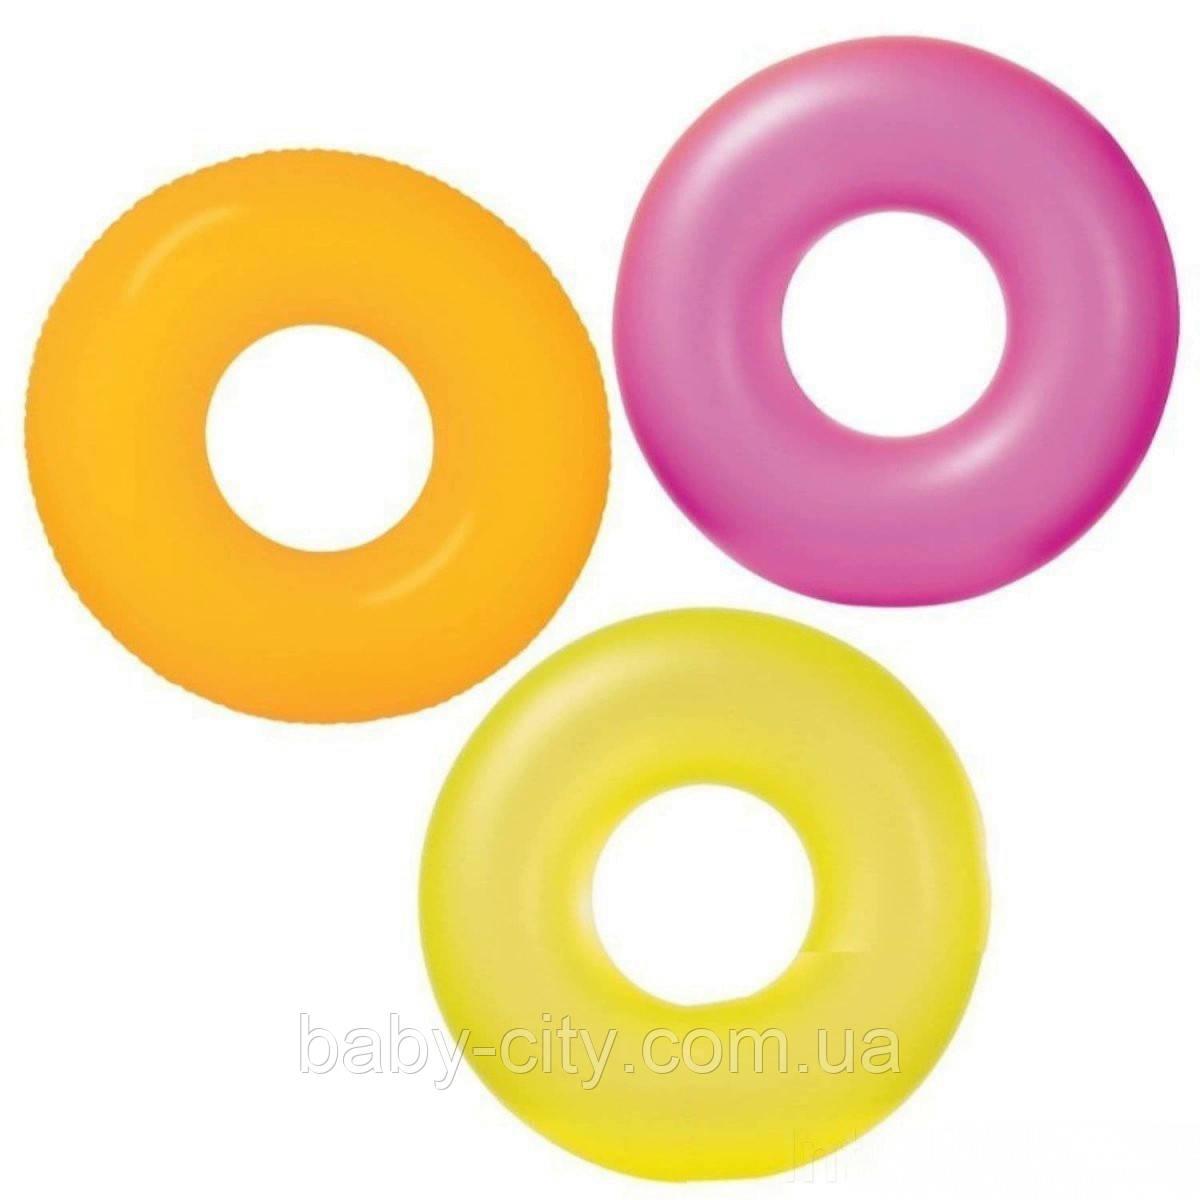 Круг Intex 59262 NP, однотонный, 3 цвета, диаметром 91 см, от 8 лет